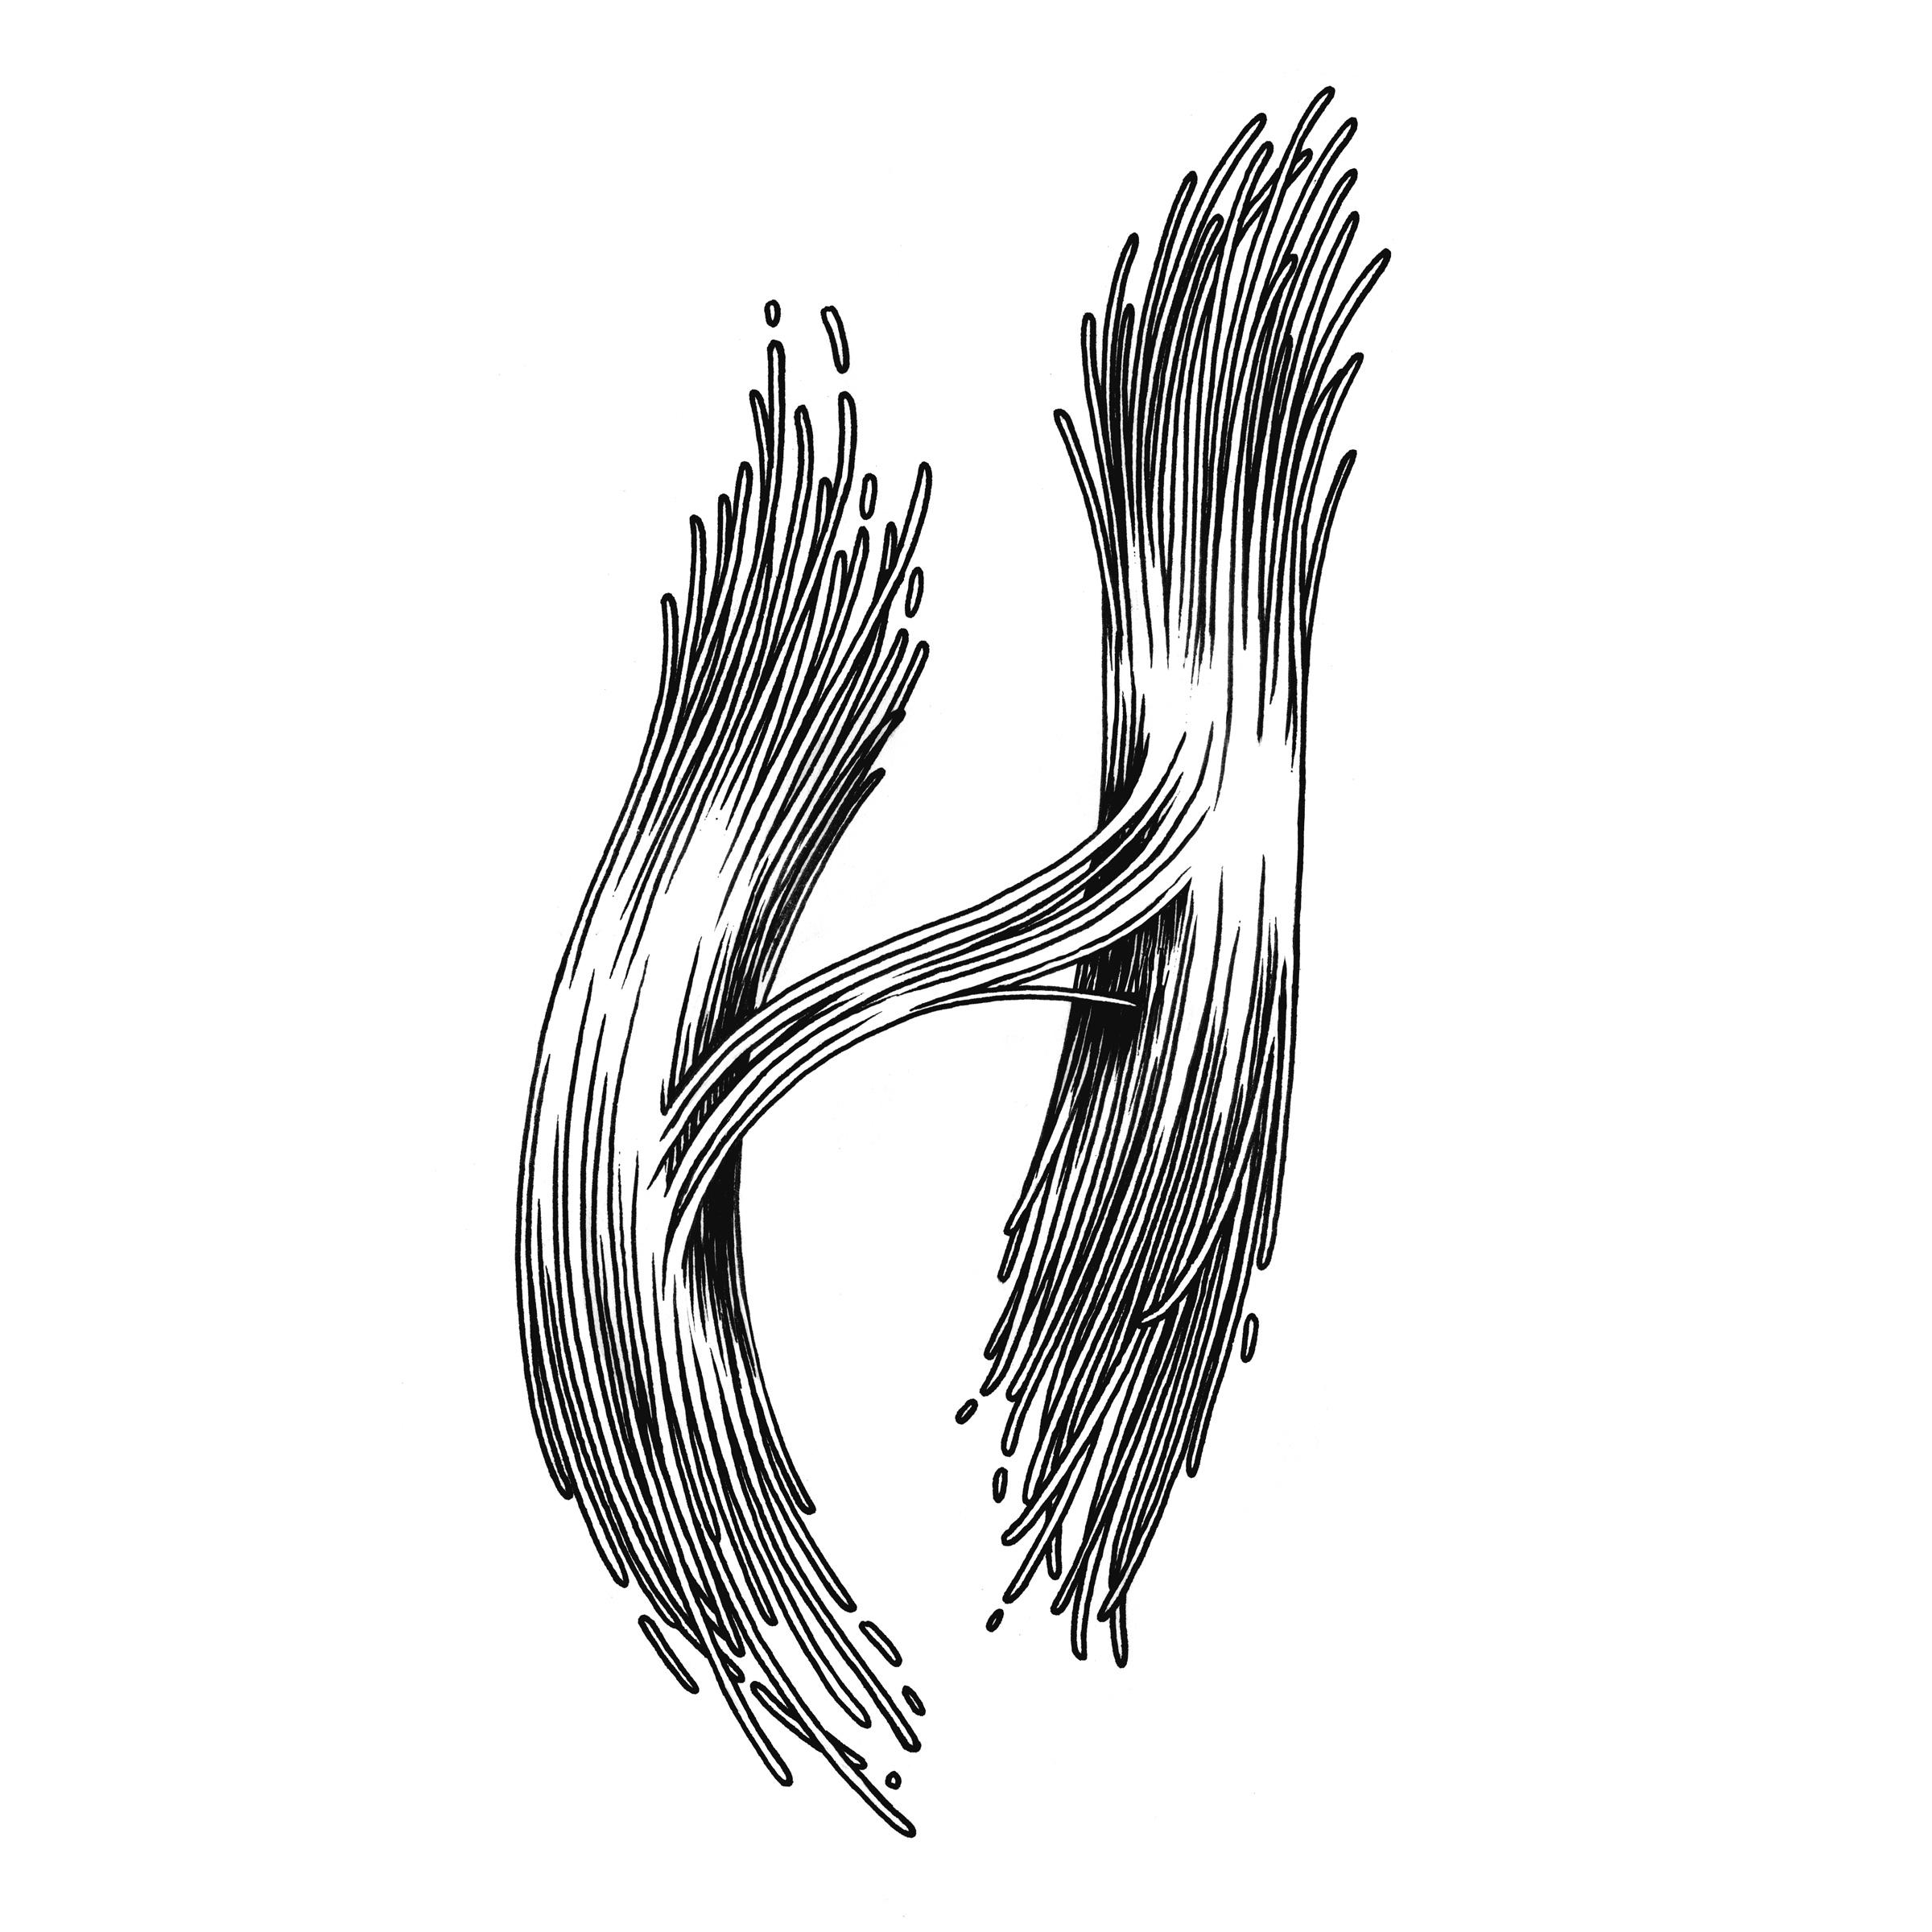 H_02.2-web.jpg